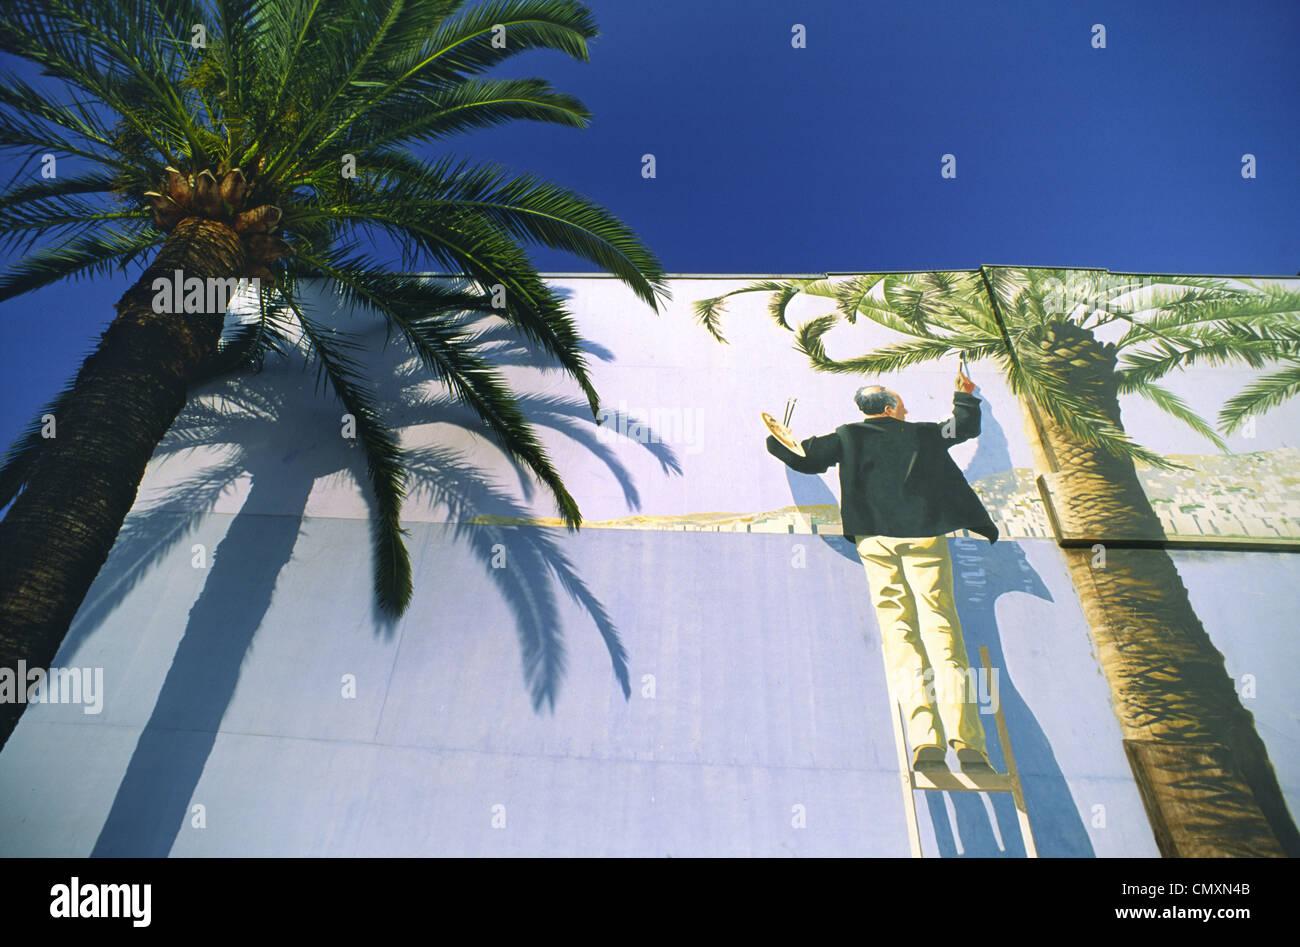 Frankreich, Nizza, Wandmalerei, Palme Stockbild